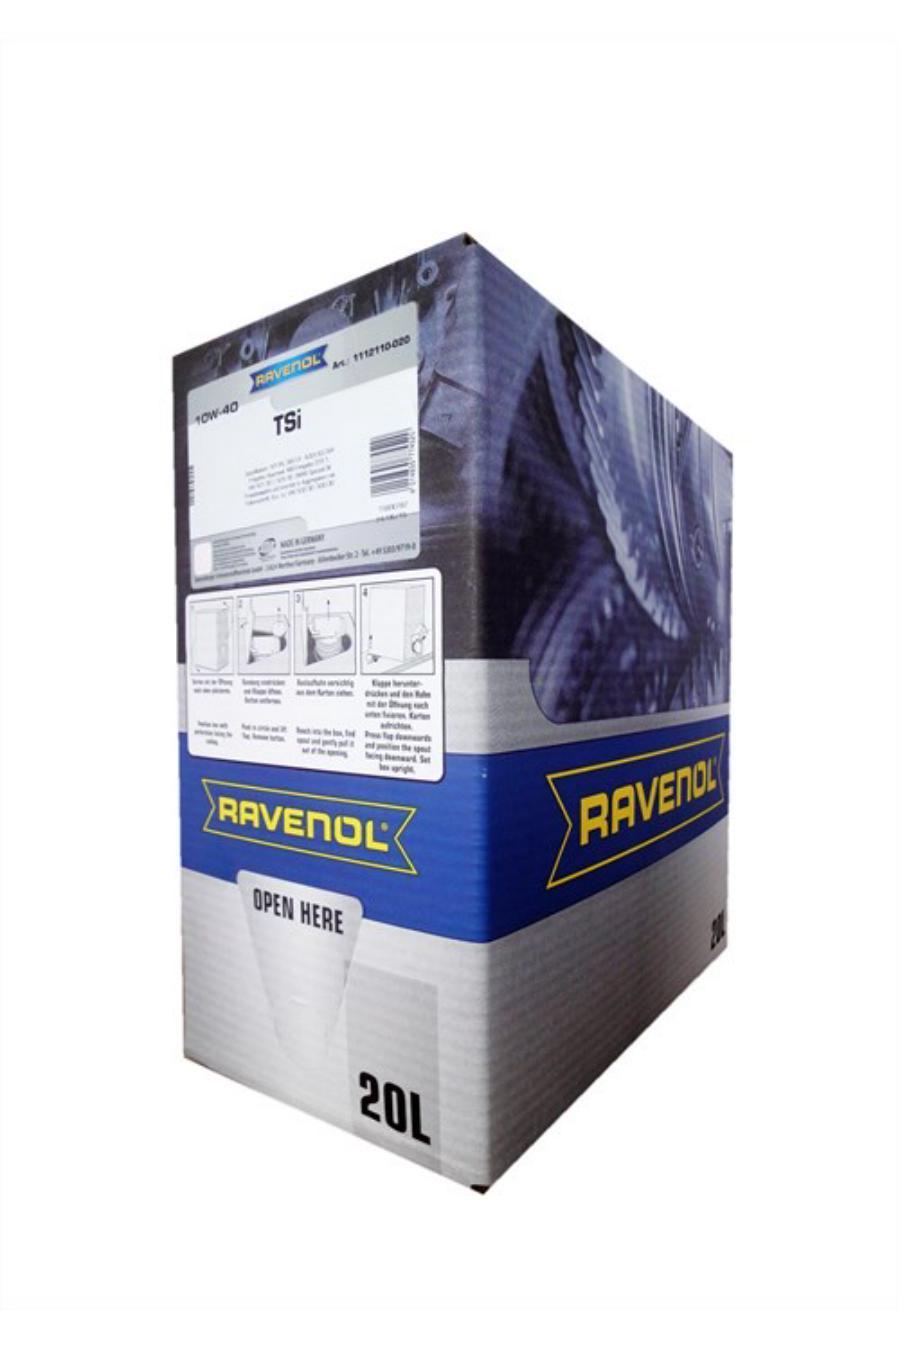 Полуcинтетическое легкотекучее моторное масло с запатентованной технологией clean-synto для легковых бензиновых и дизельных двиг